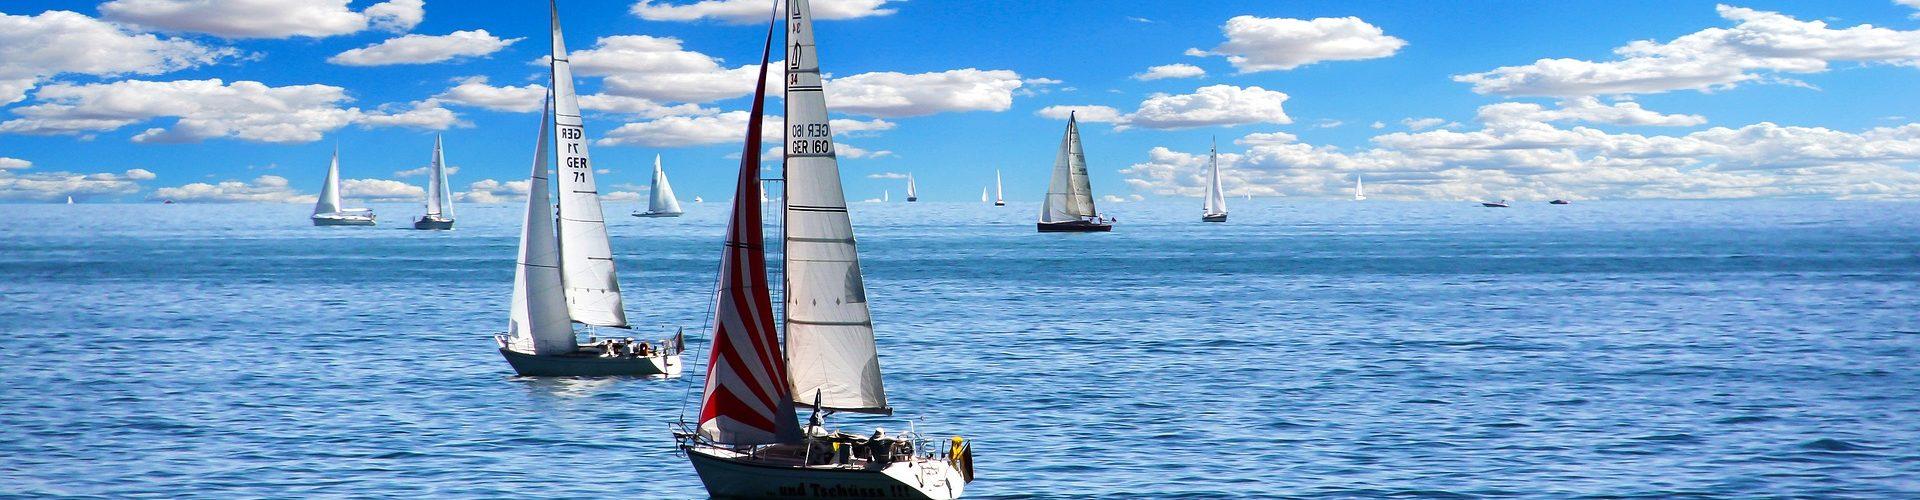 segeln lernen in Nördlingen segelschein machen in Nördlingen 1920x500 - Segeln lernen in Nördlingen